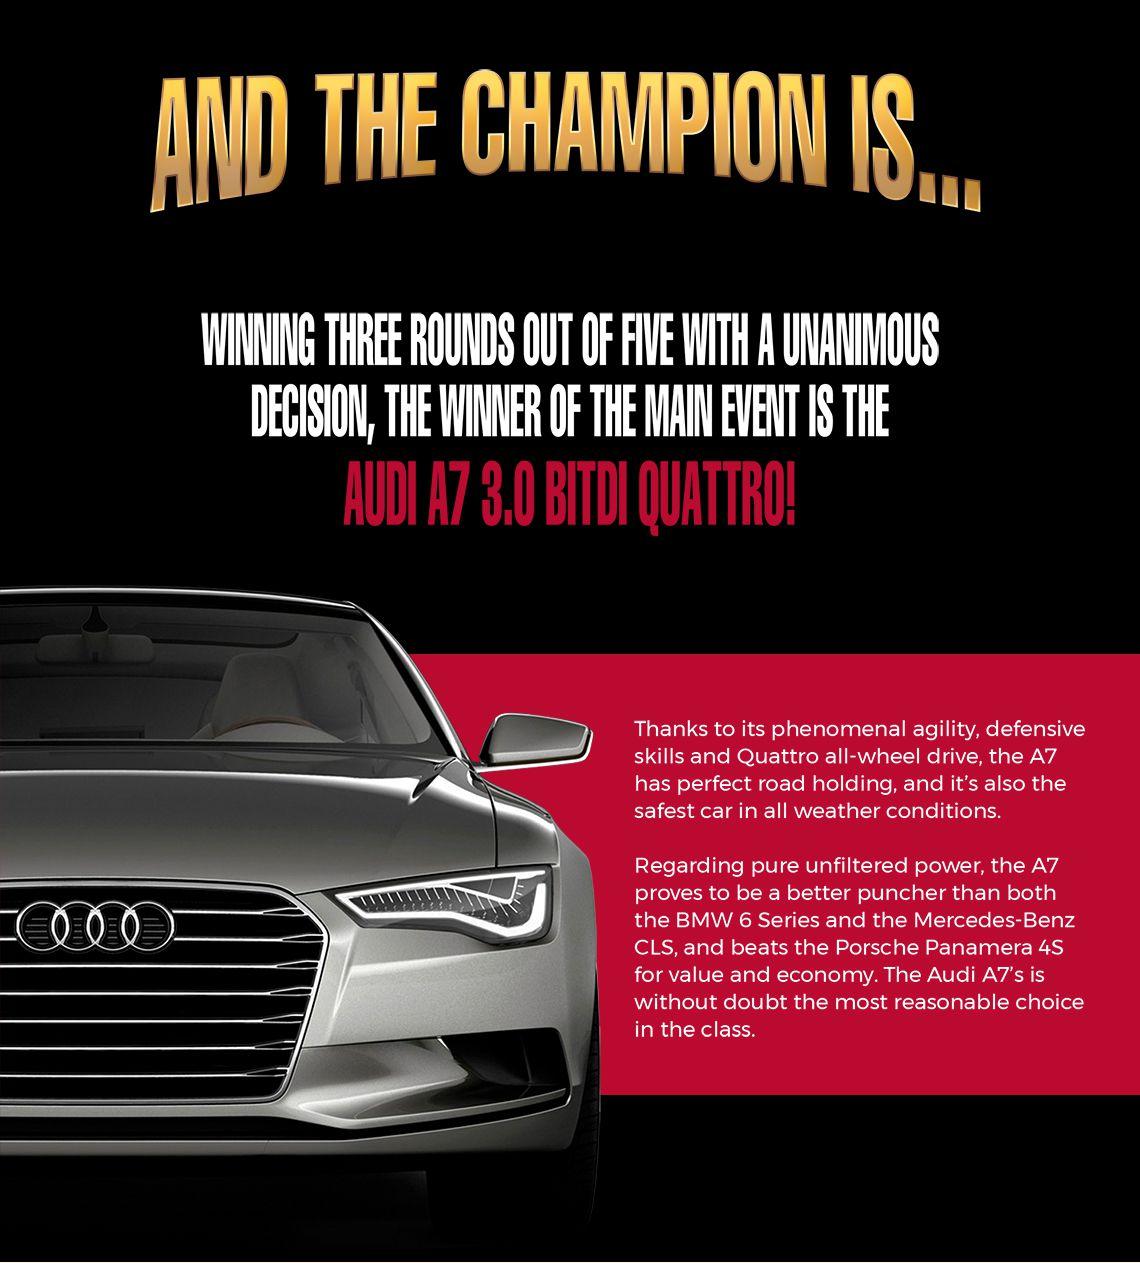 Audi A7 3.0 BiTDI Quattro champion